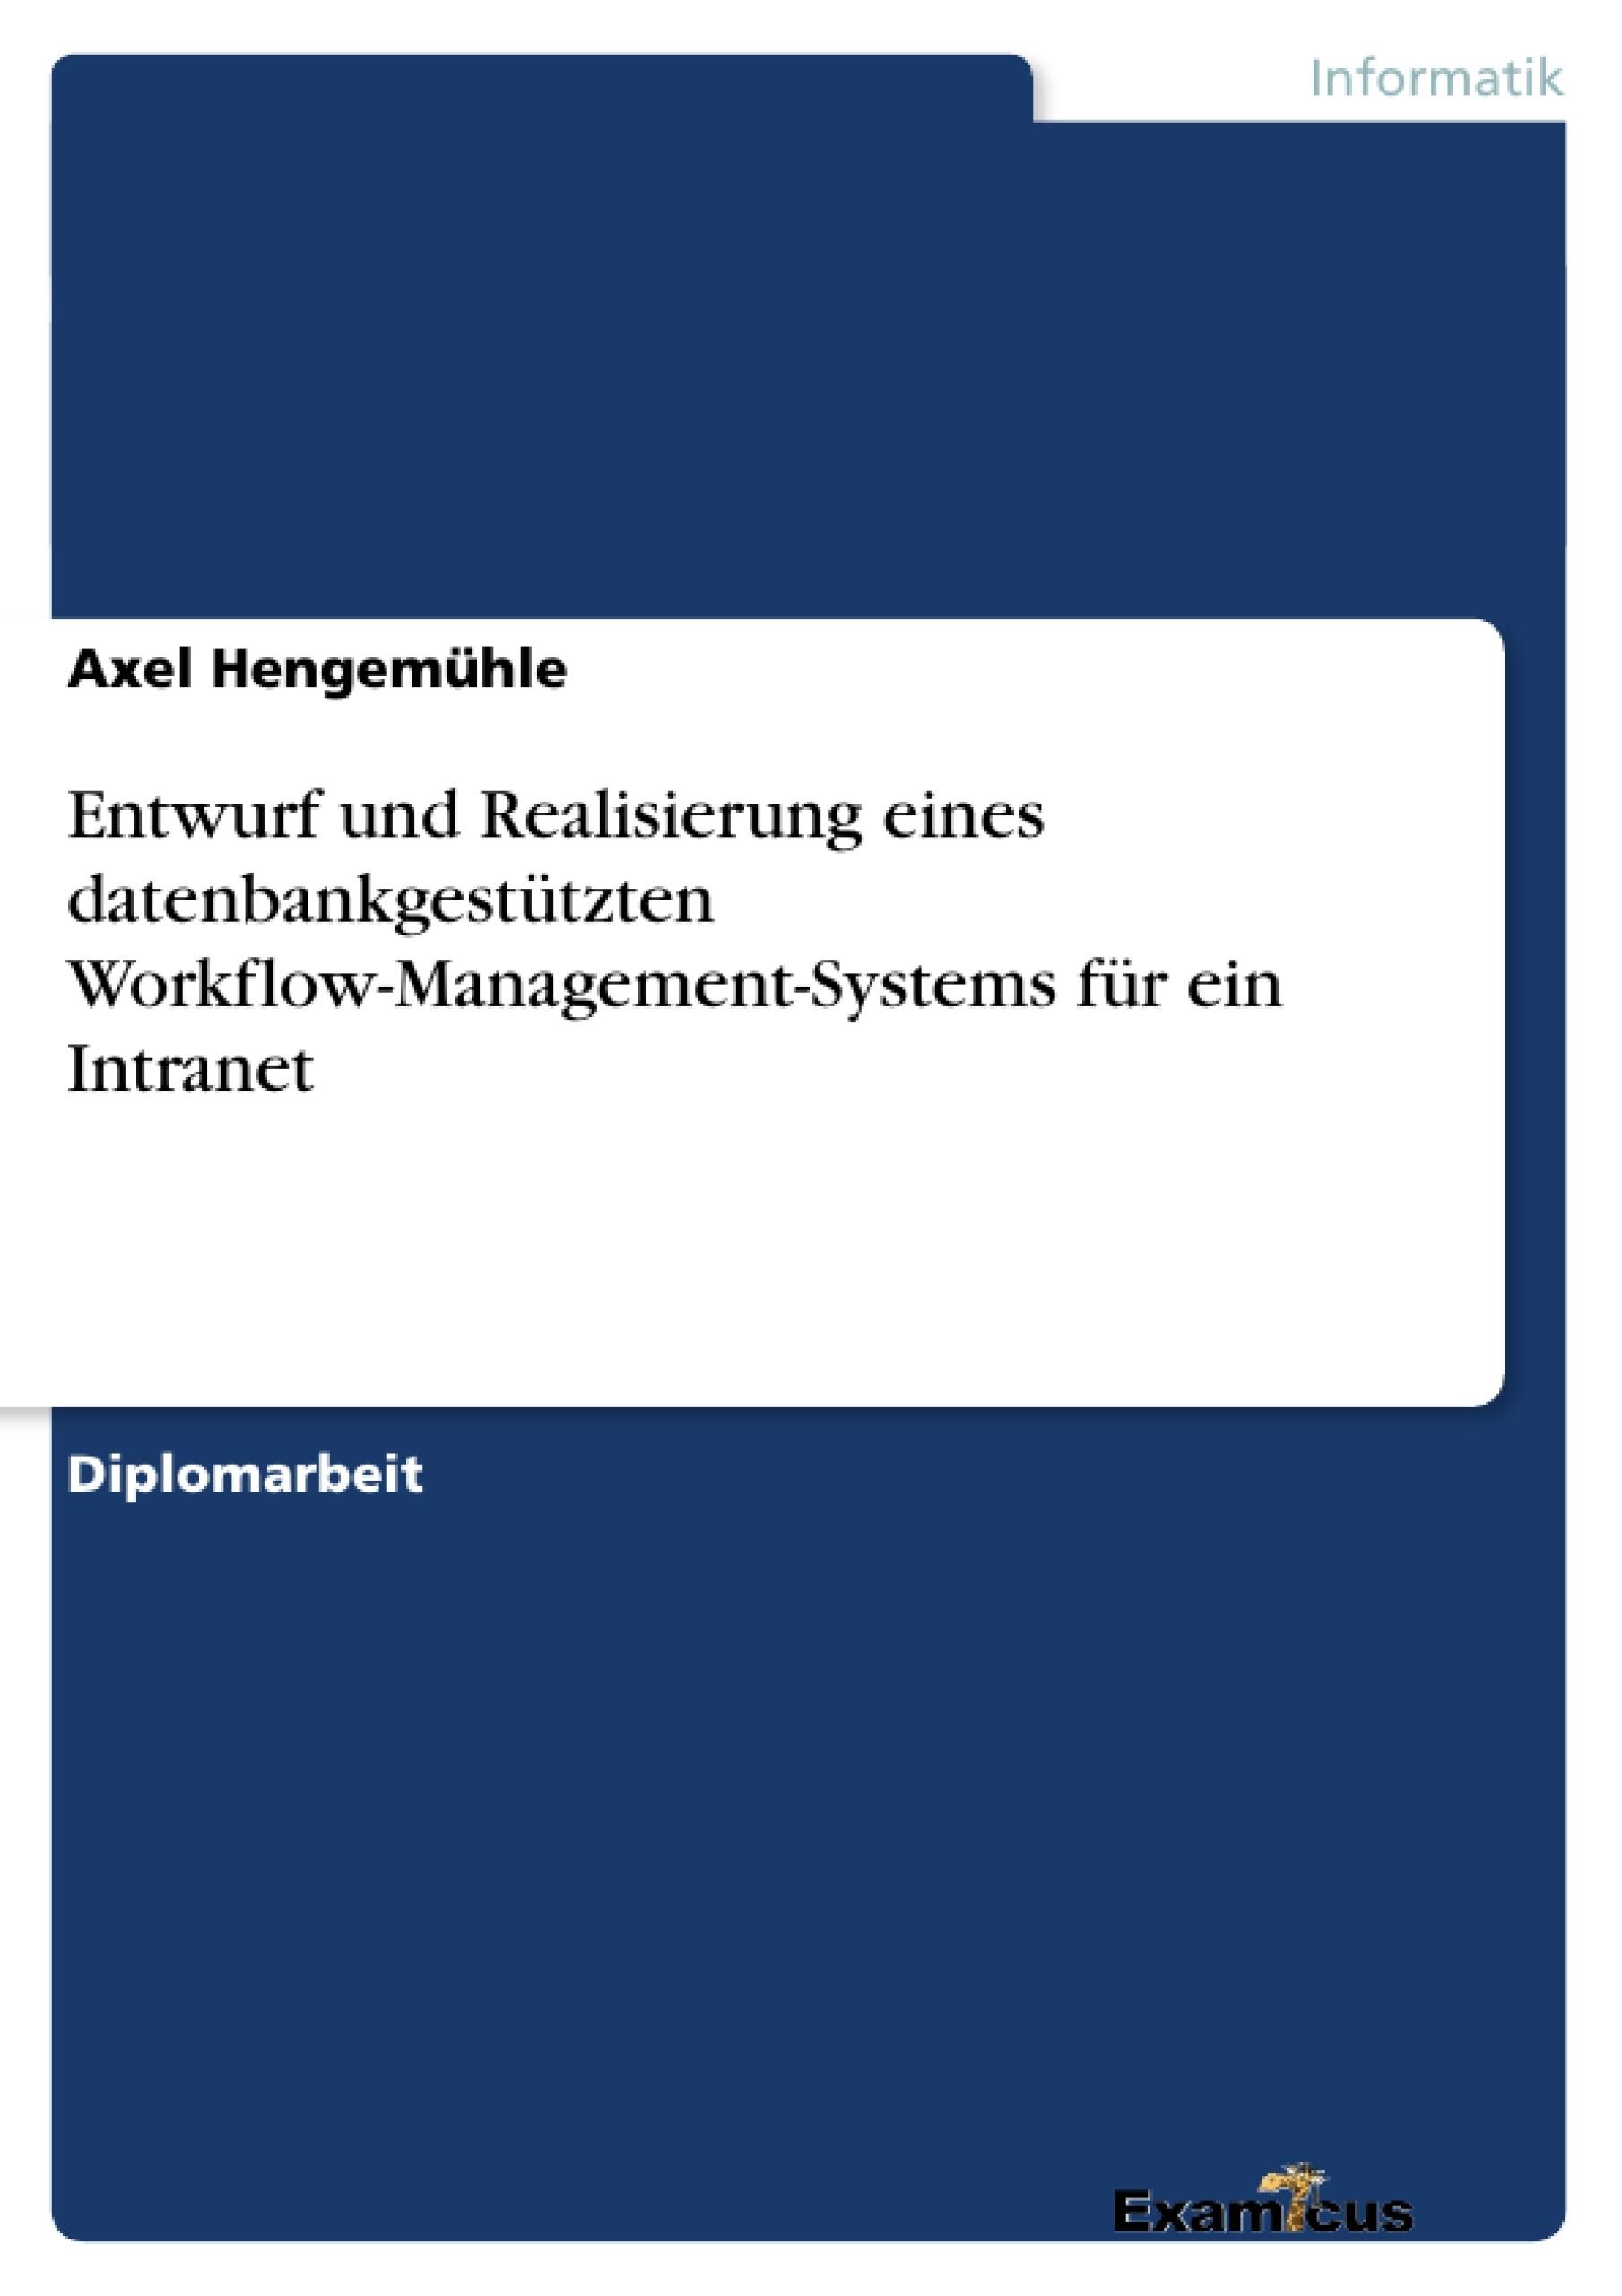 Titel: Entwurf und Realisierung eines datenbankgestützten Workflow-Management-Systems für ein Intranet